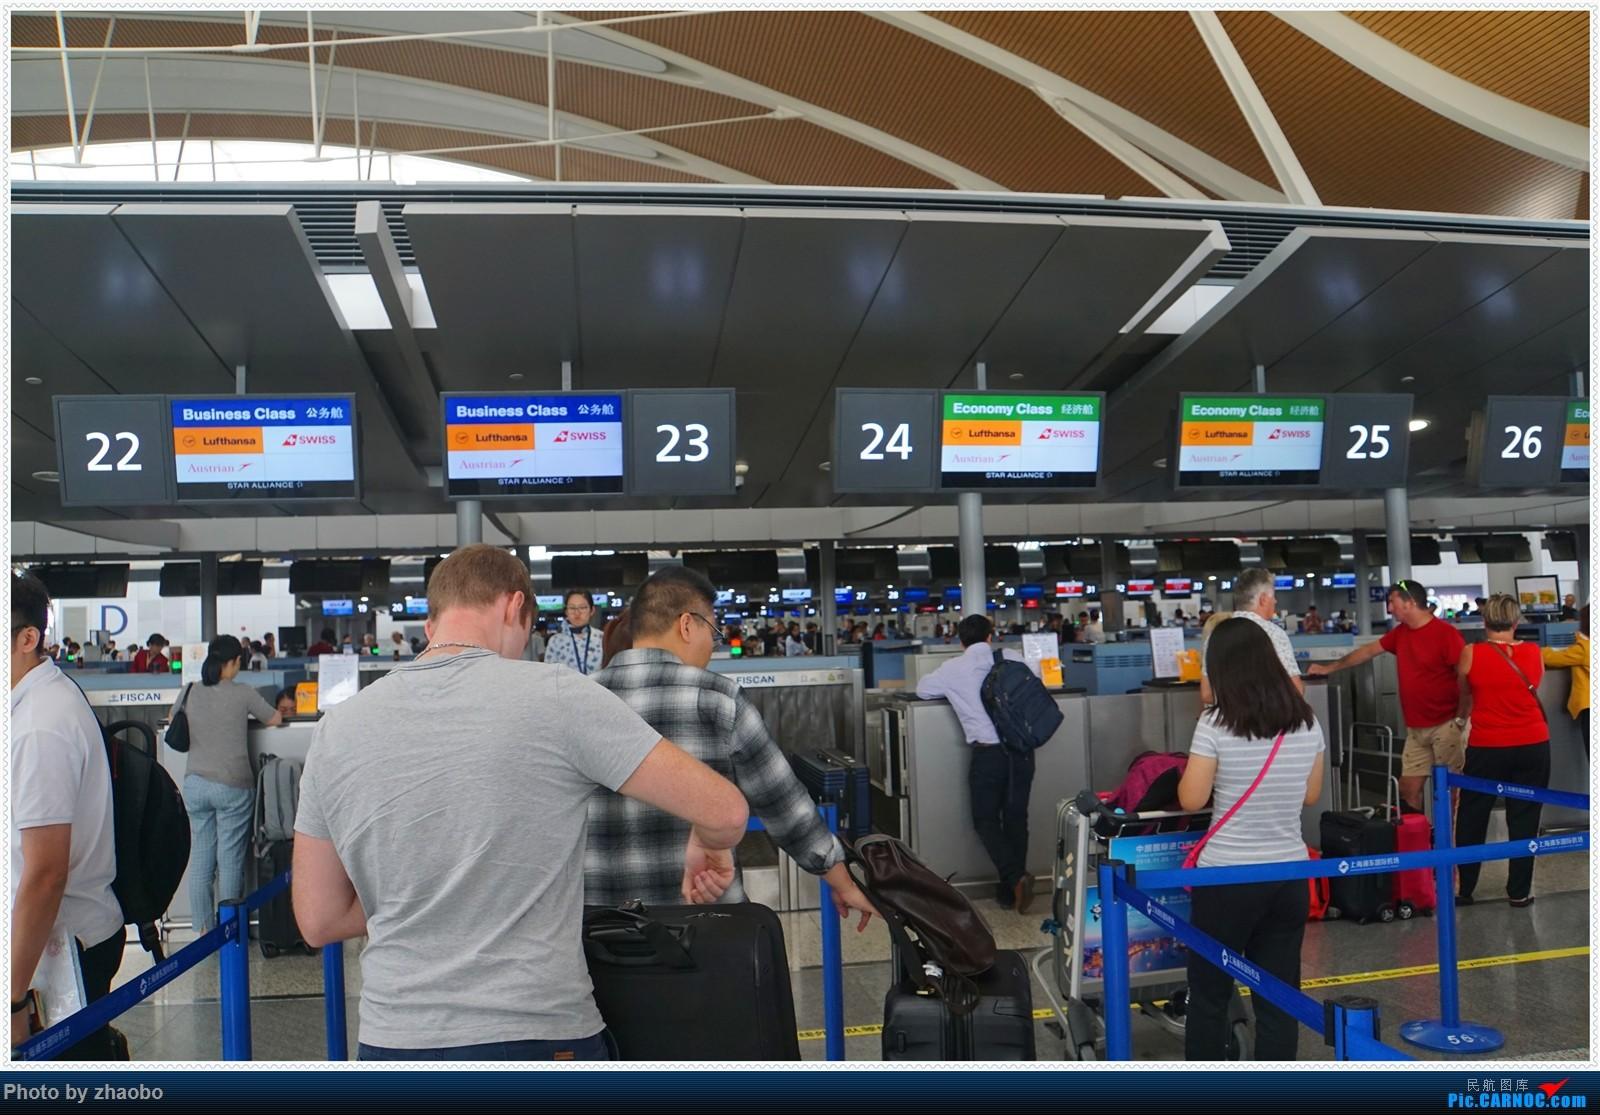 [原创]从南到北游英伦-我的星空之旅,汉莎航空初体验和一点不输给欧洲列强的国航 AIRBUS A330-200